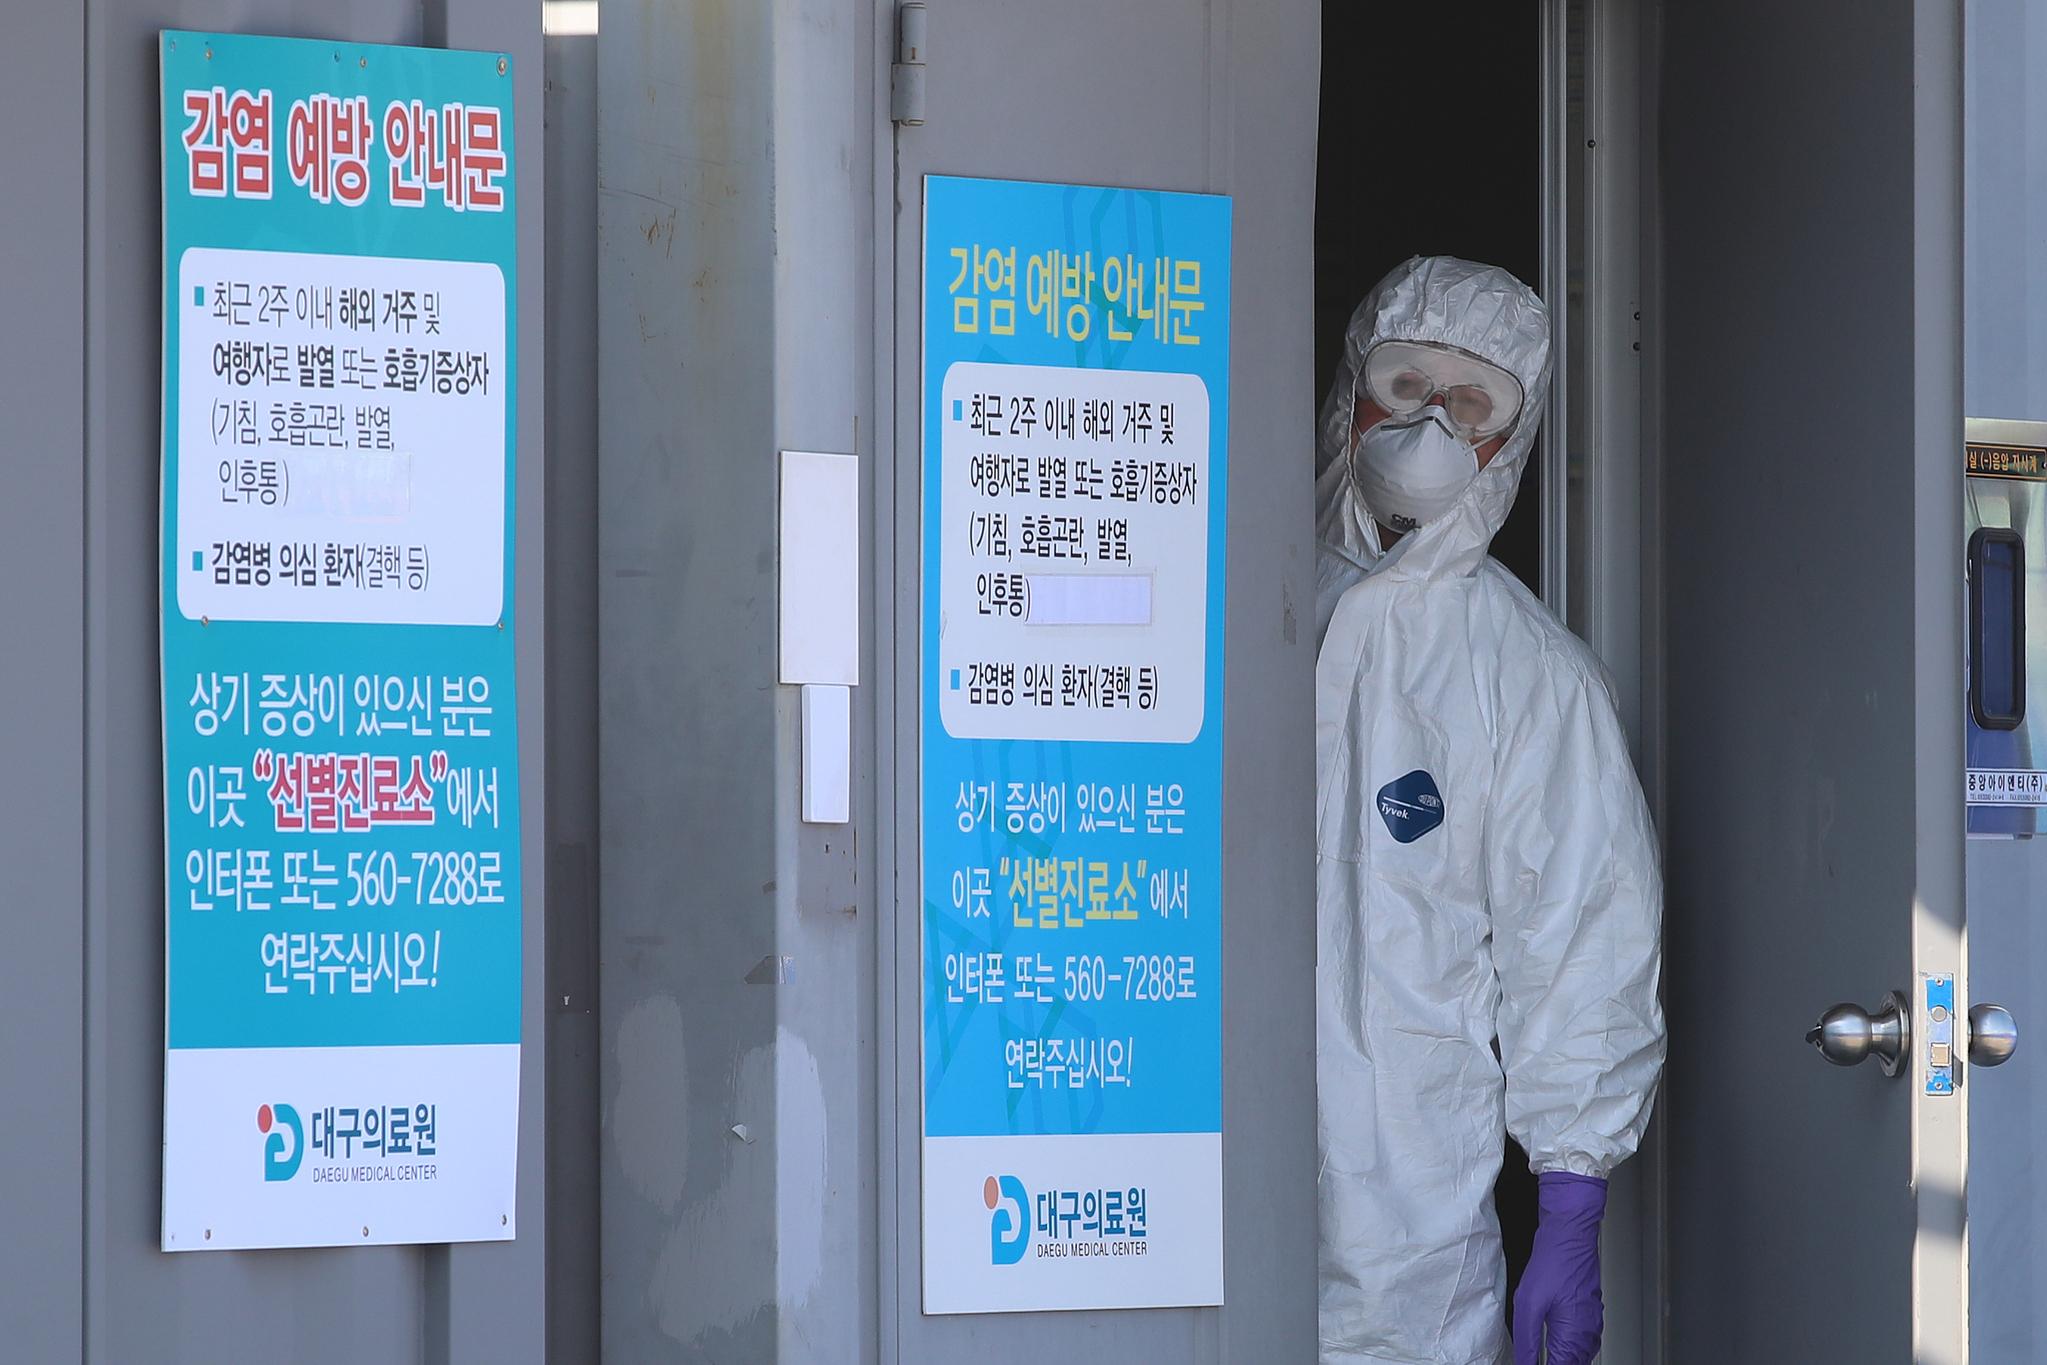 신종 코로나바이러스 감염증(코로나19) 확진자가 늘어나는 가운데 19일 대구 서구 중리동 대구의료원 선별진료소 앞에 의료진이 밖을 바라보고 있다. [뉴스1]